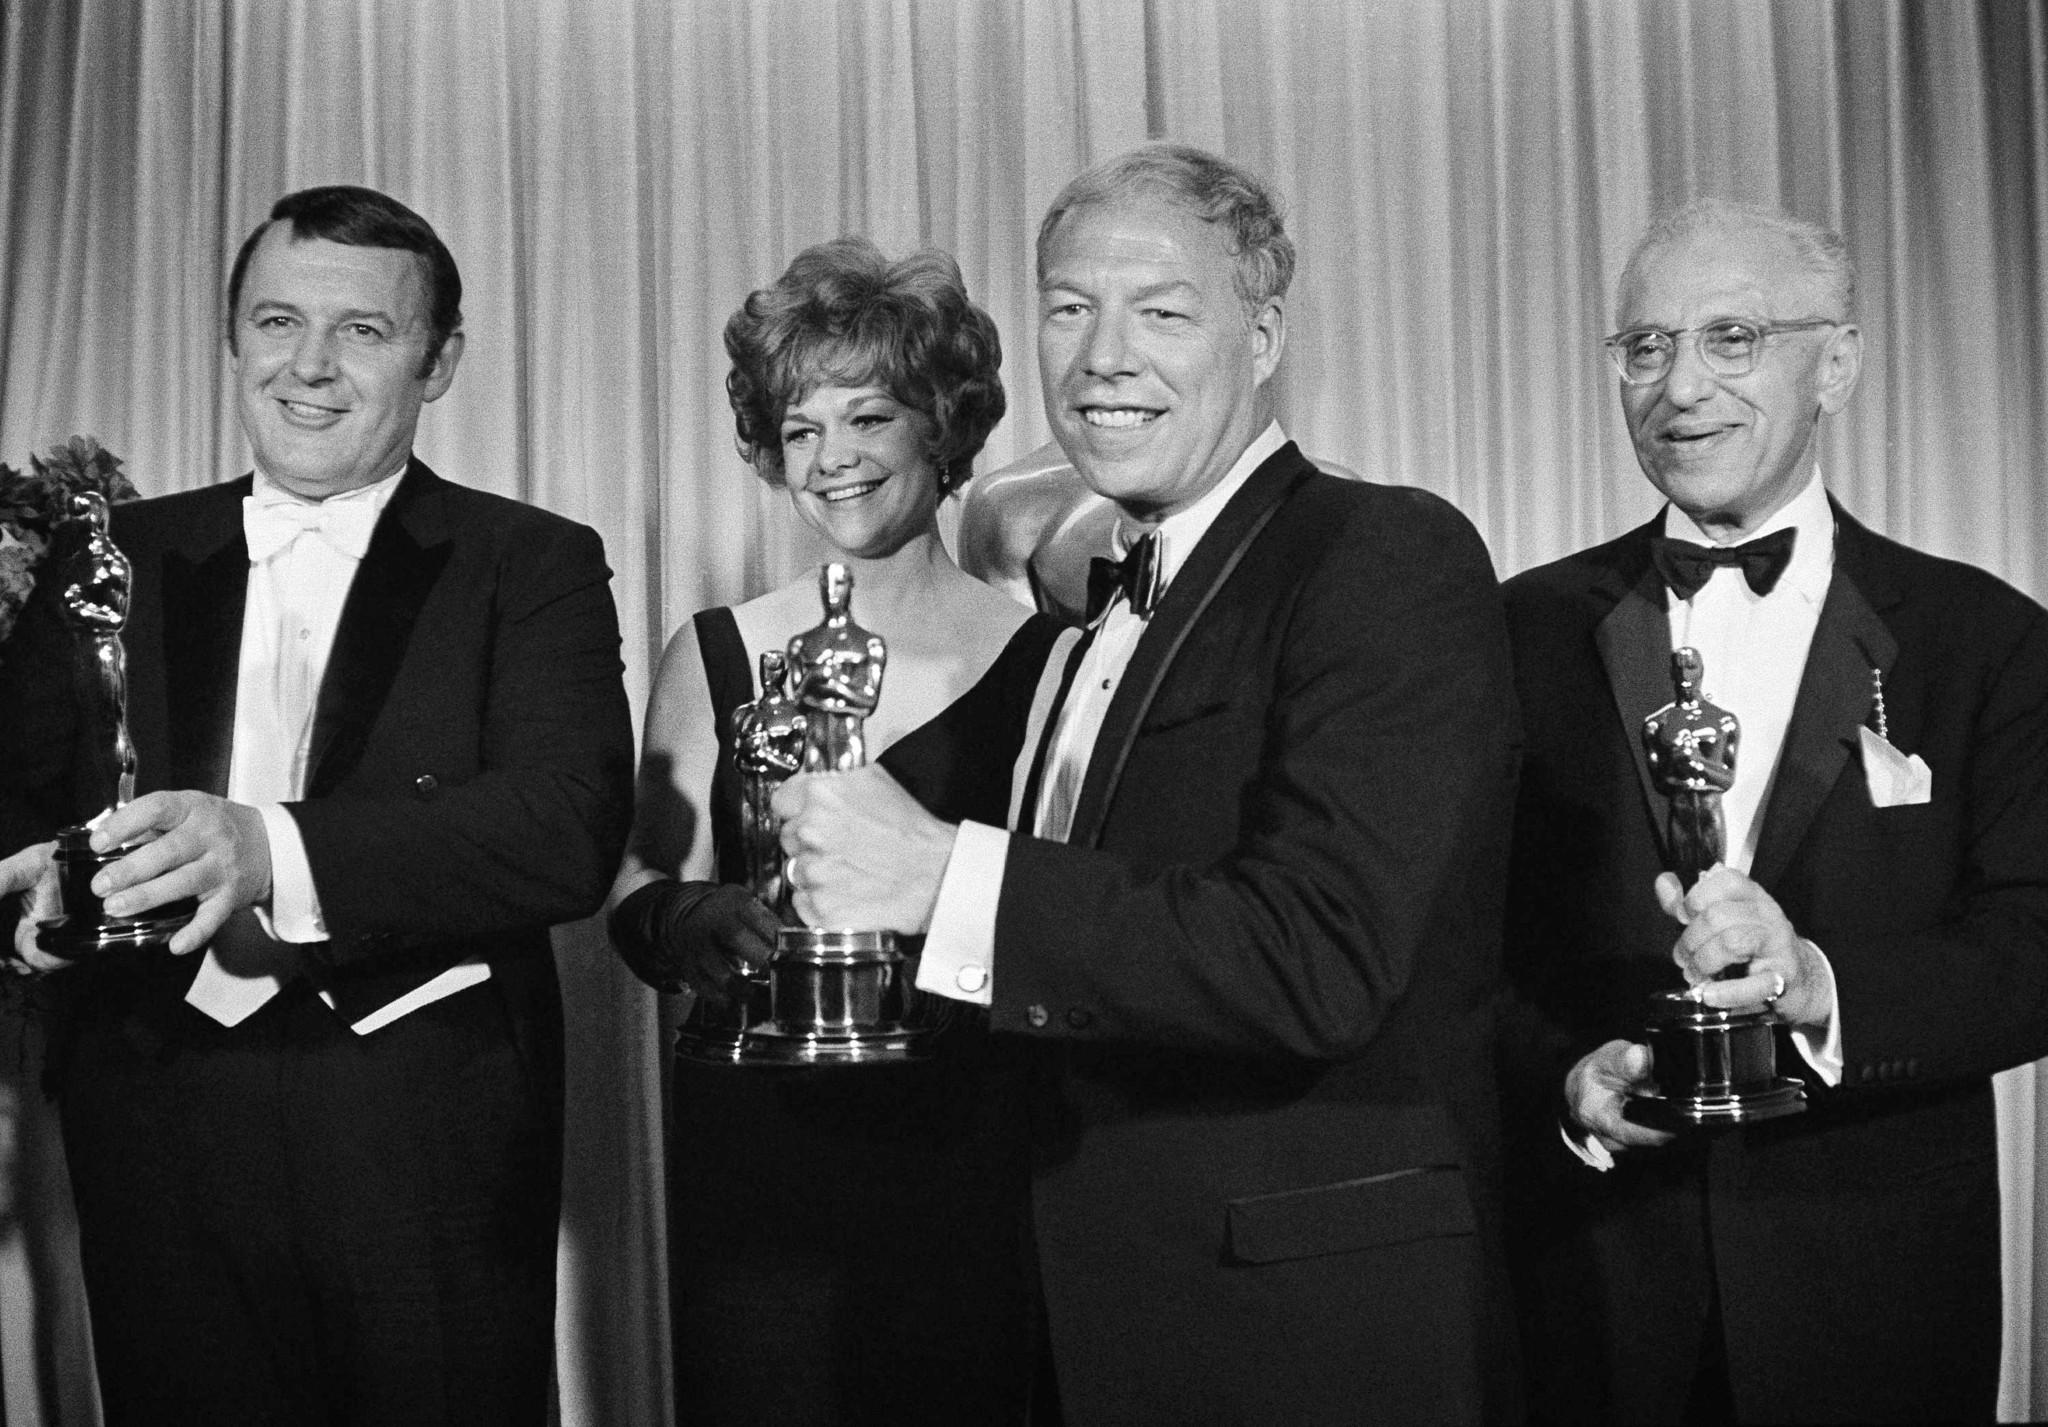 Oscar winner George Kennedy, Naked Gun actor dies at 91